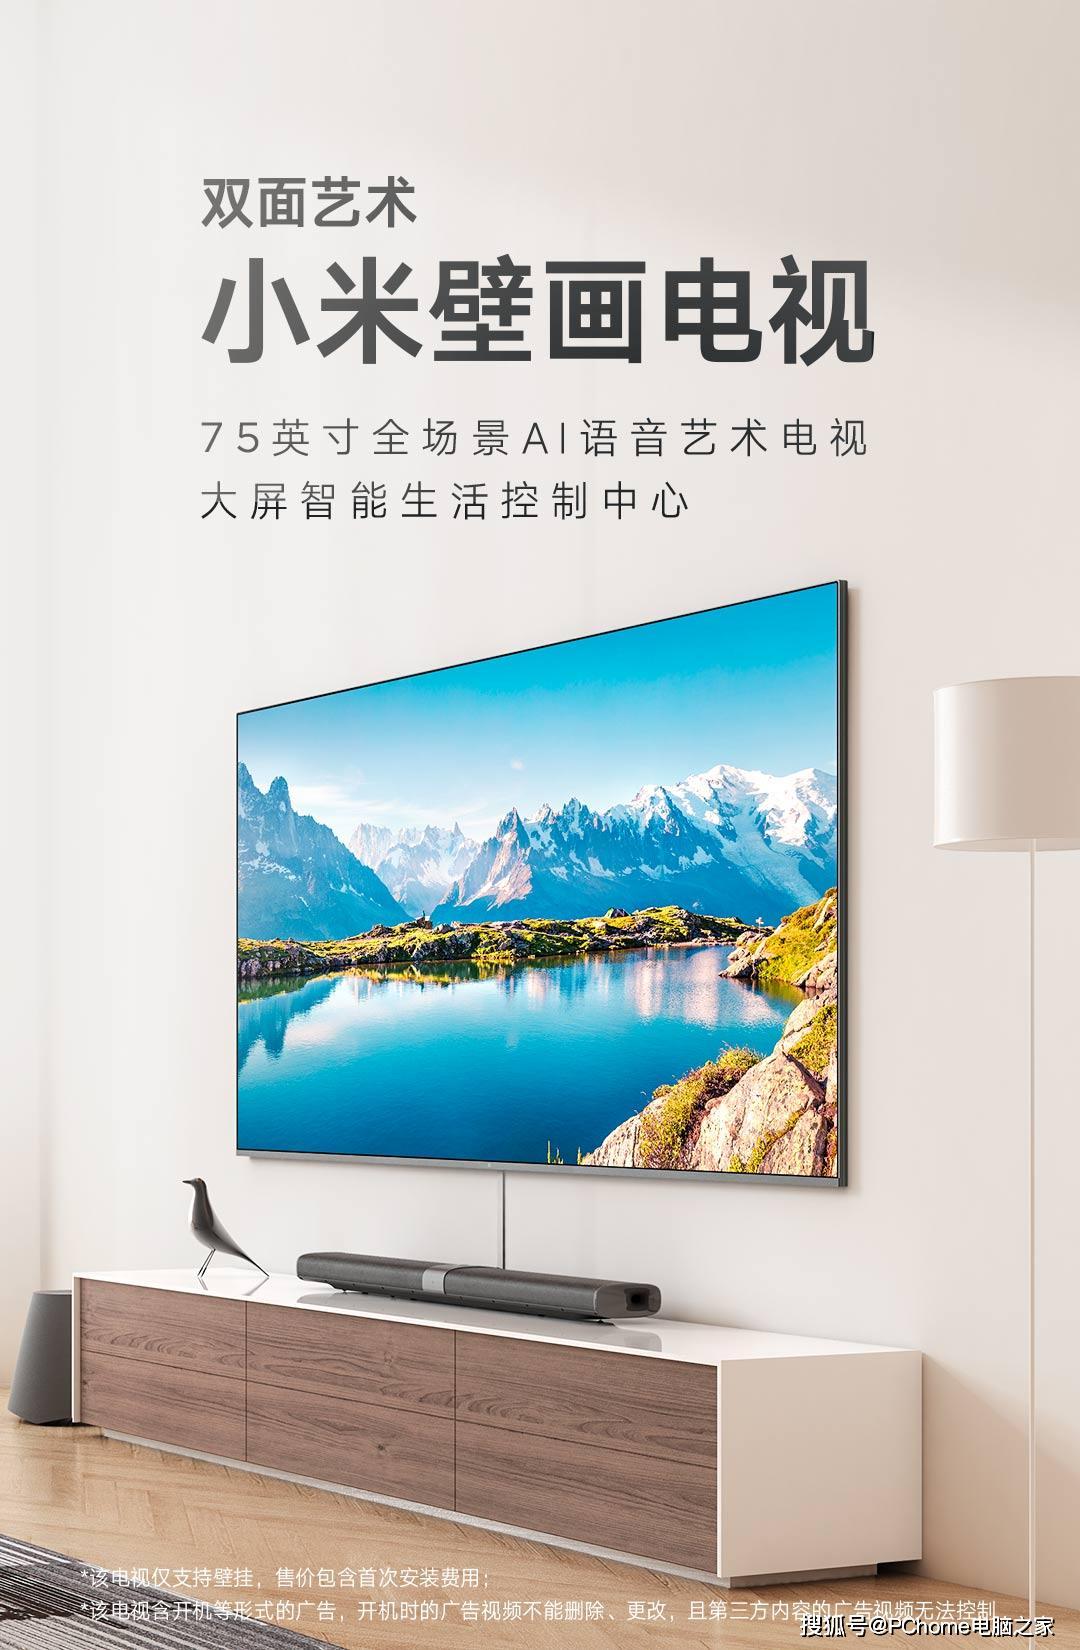 小米壁畫電視75英寸今日開售 售價9999元